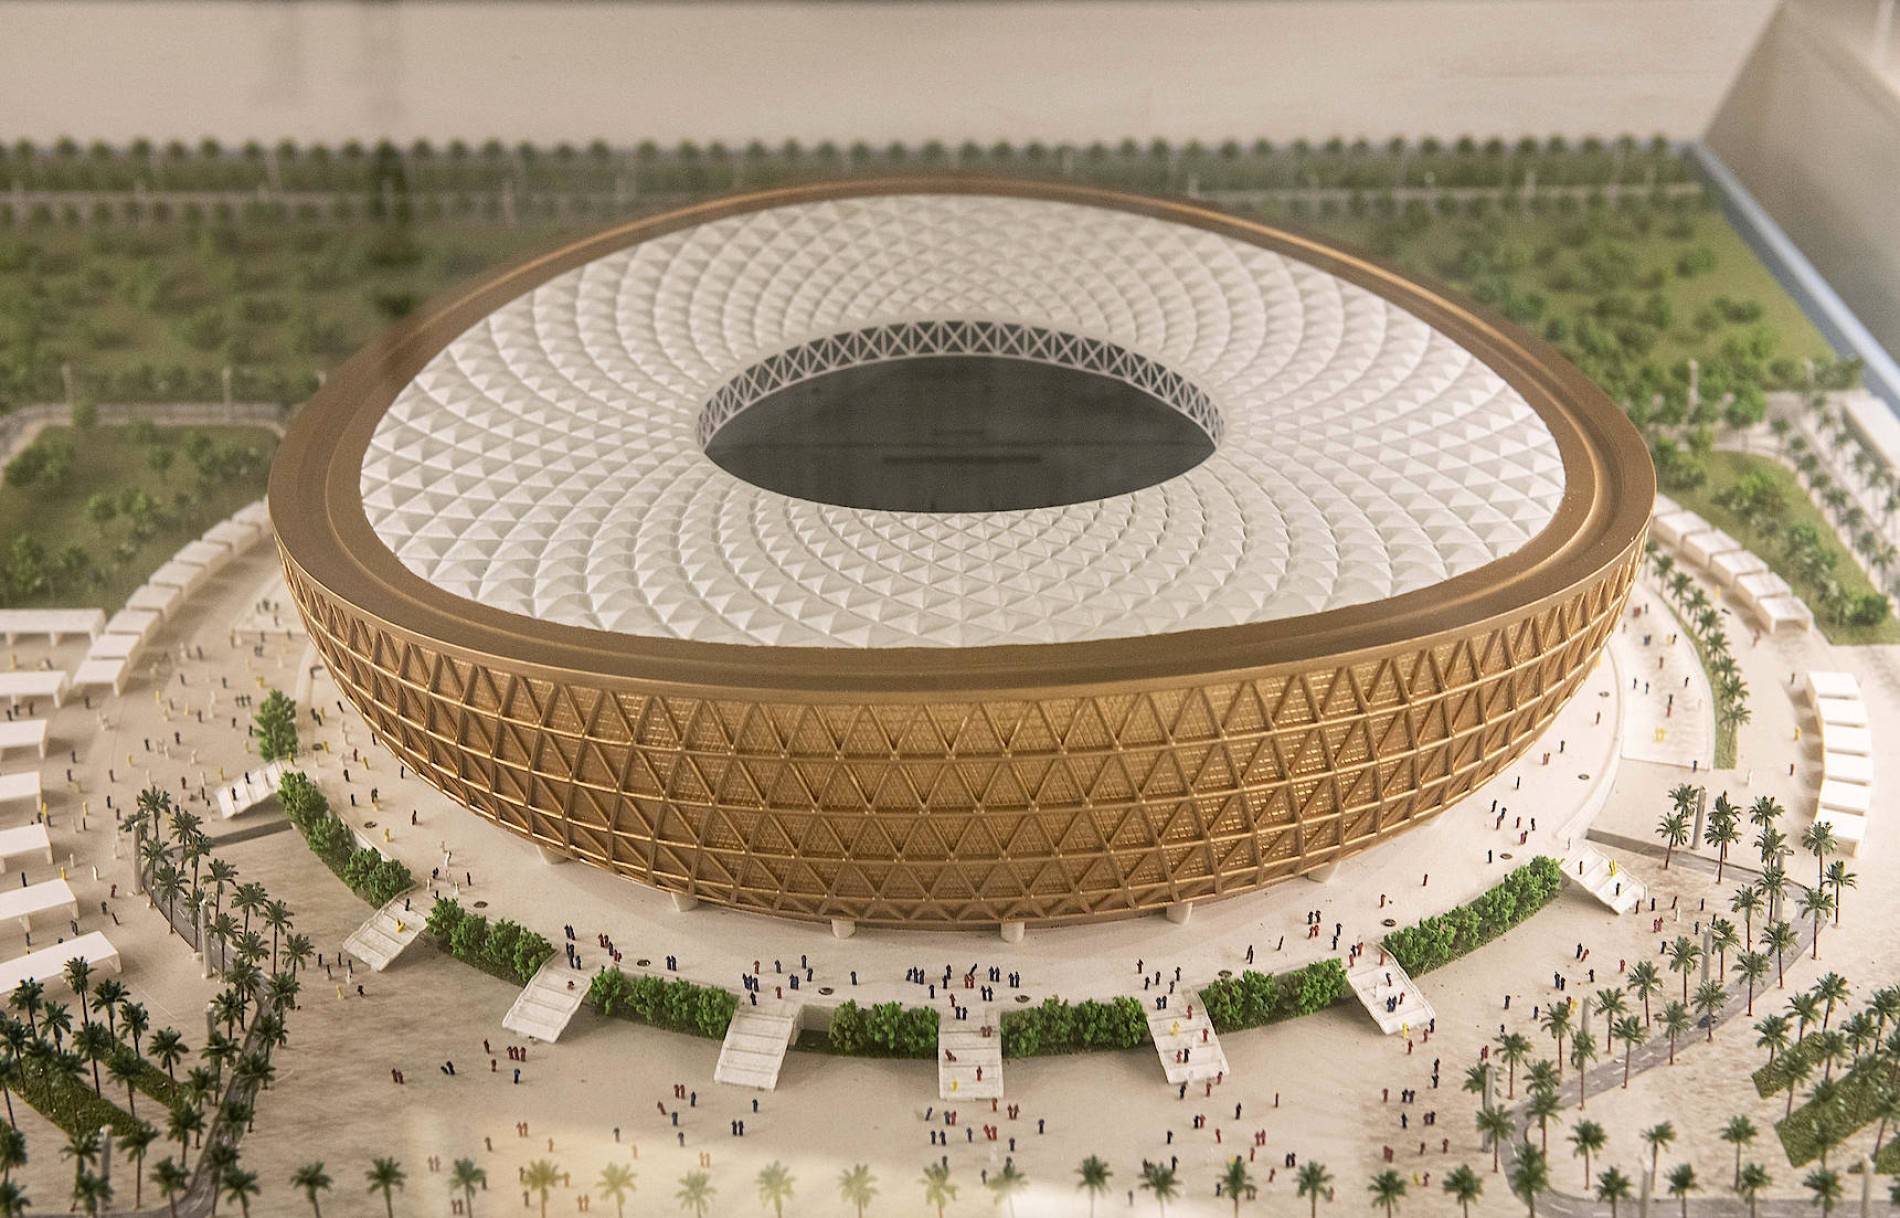 Auslosung Der Wm 2022 Quali Welche Gegner Drohen Dem Dfb Team